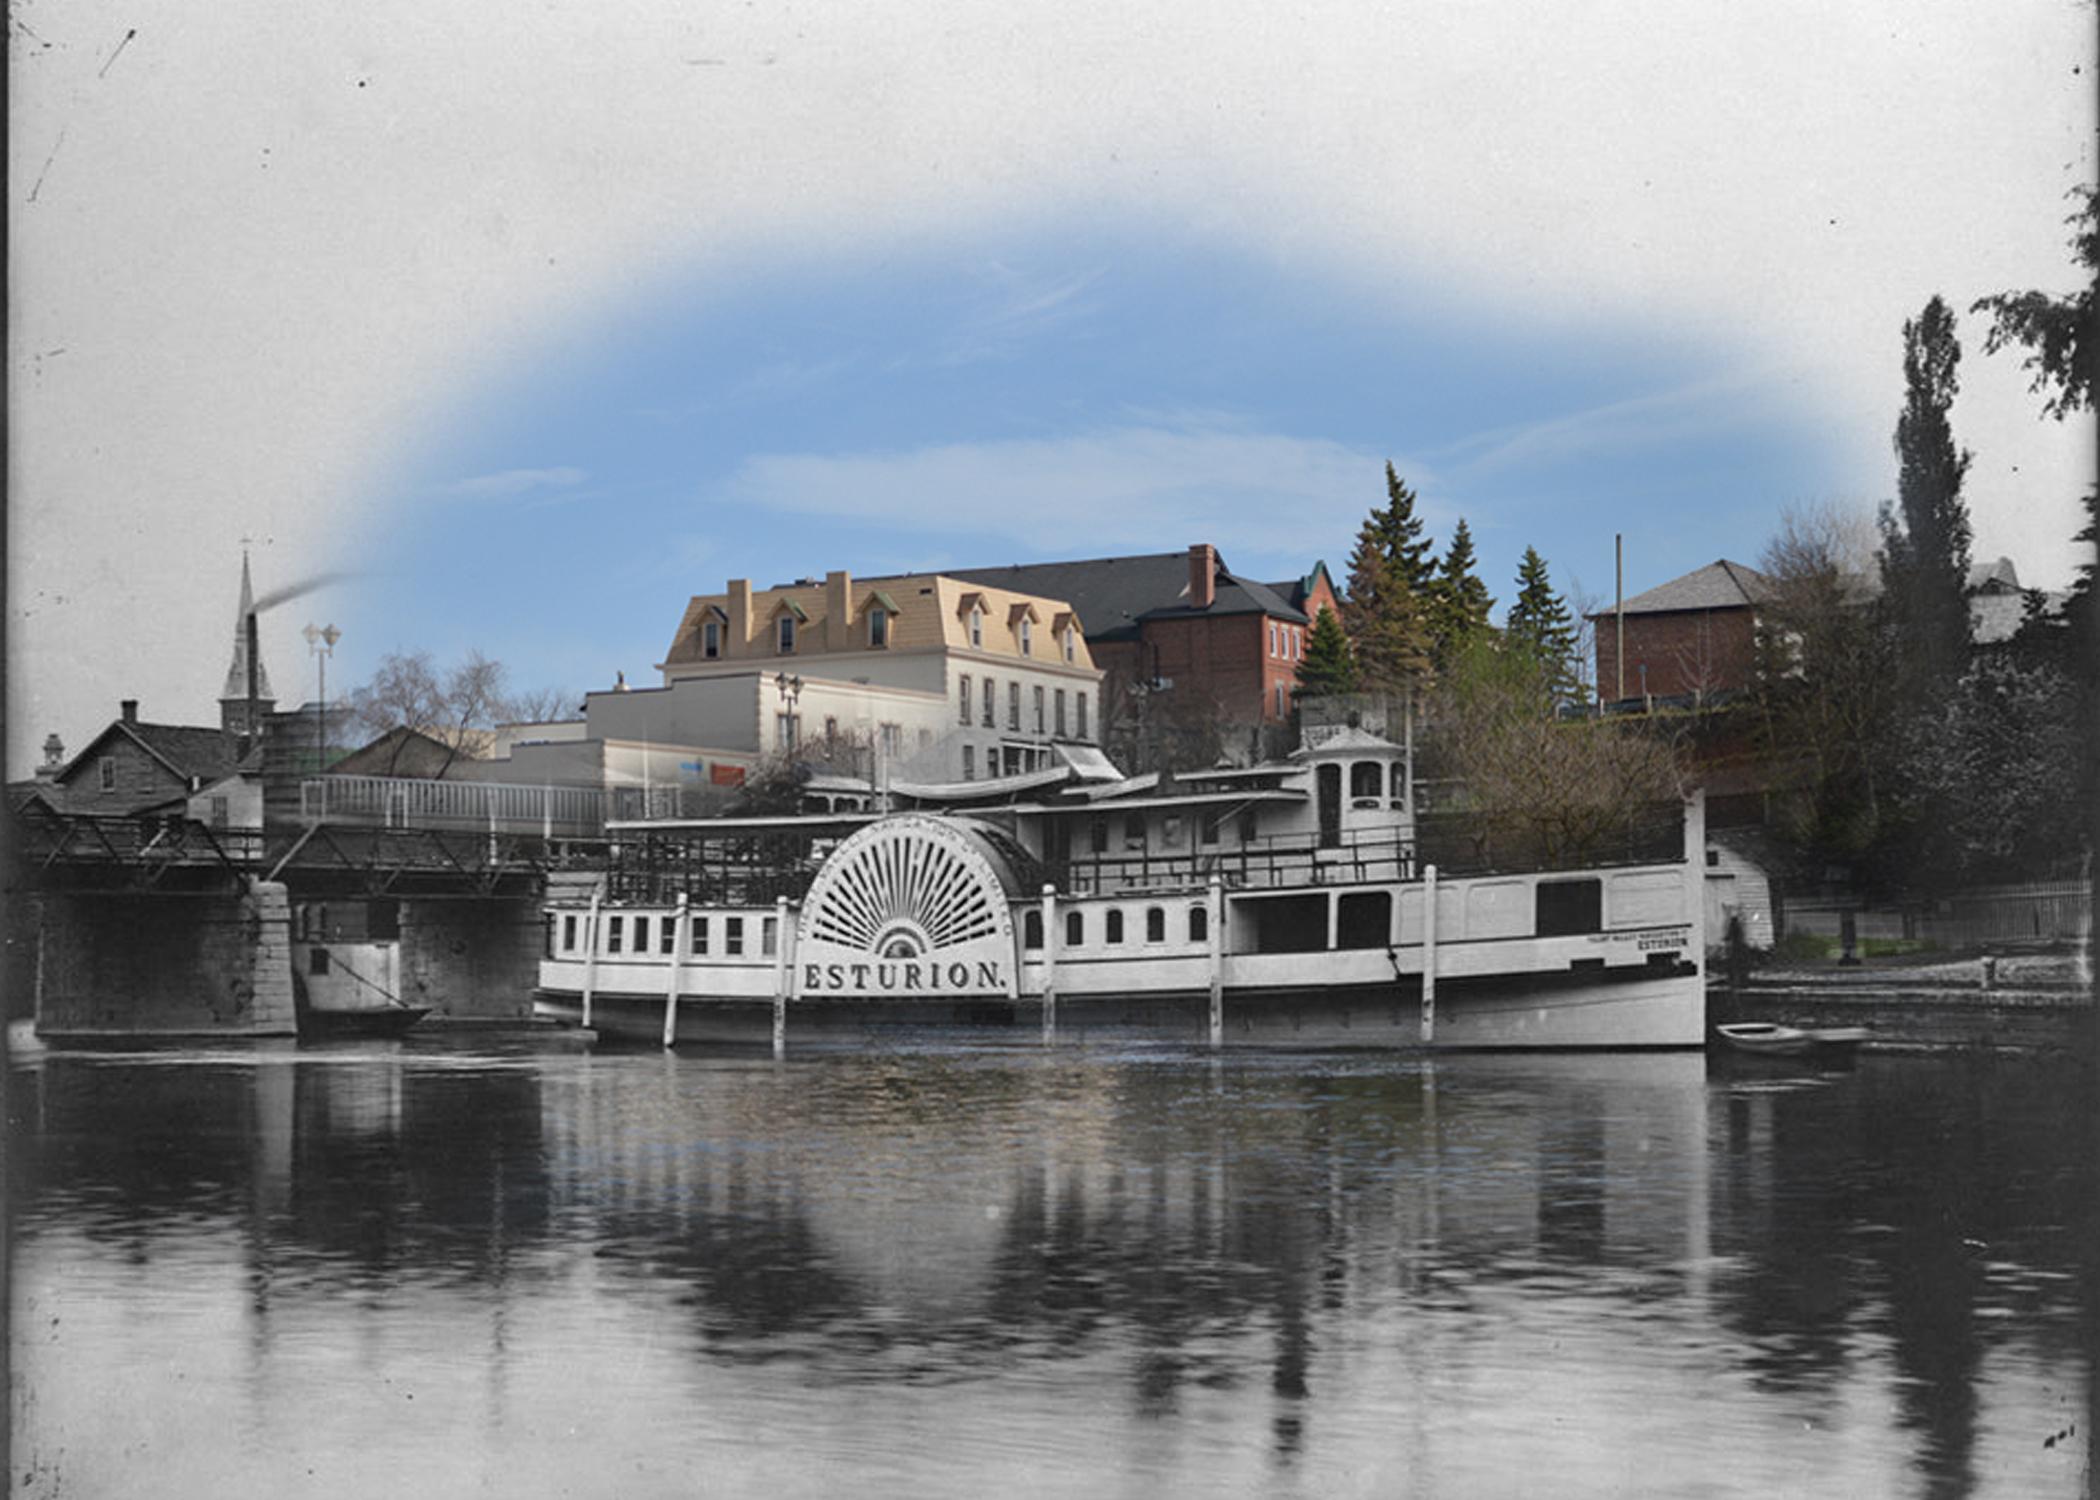 Une photo en noir et blanc llustrant un bateau à vapeur, superposée à une image contemporaine du paysage de rue.